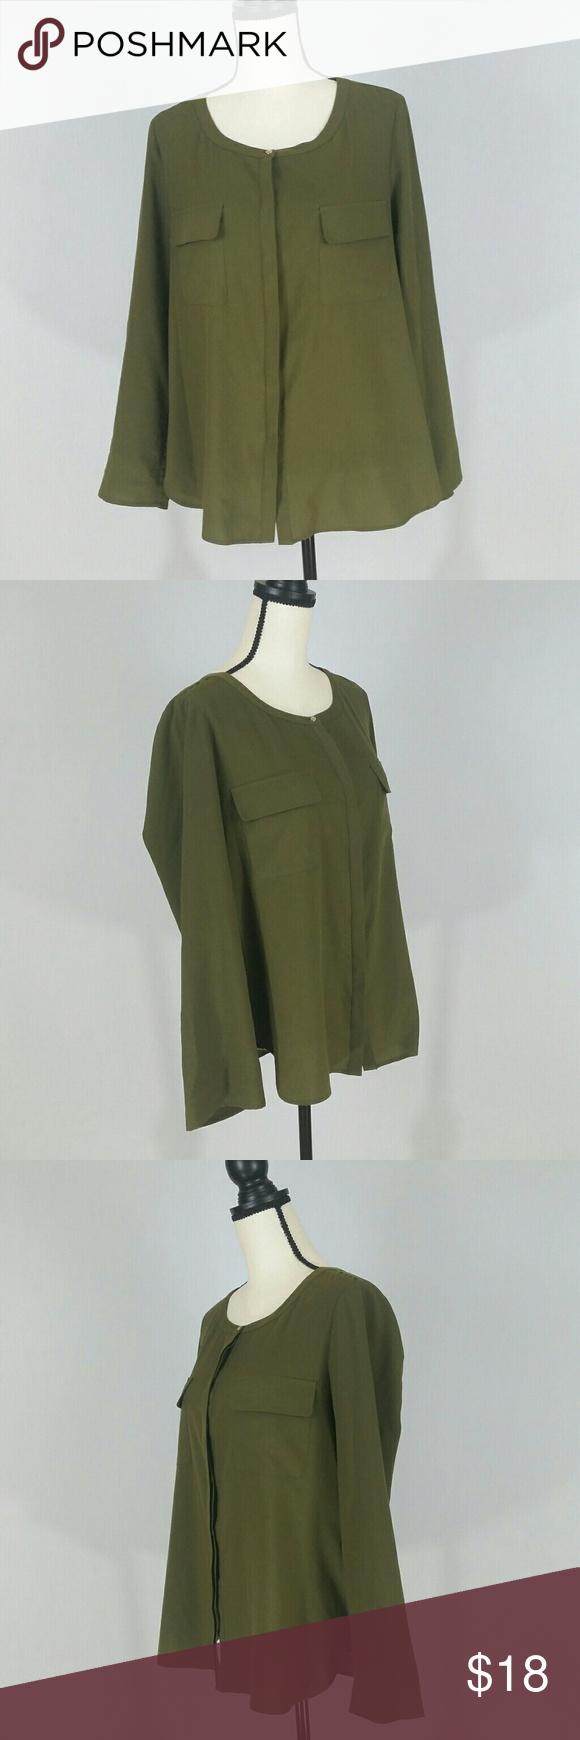 Kleines l küchendesign anne klein olive green blouse womenus size large l in   my posh